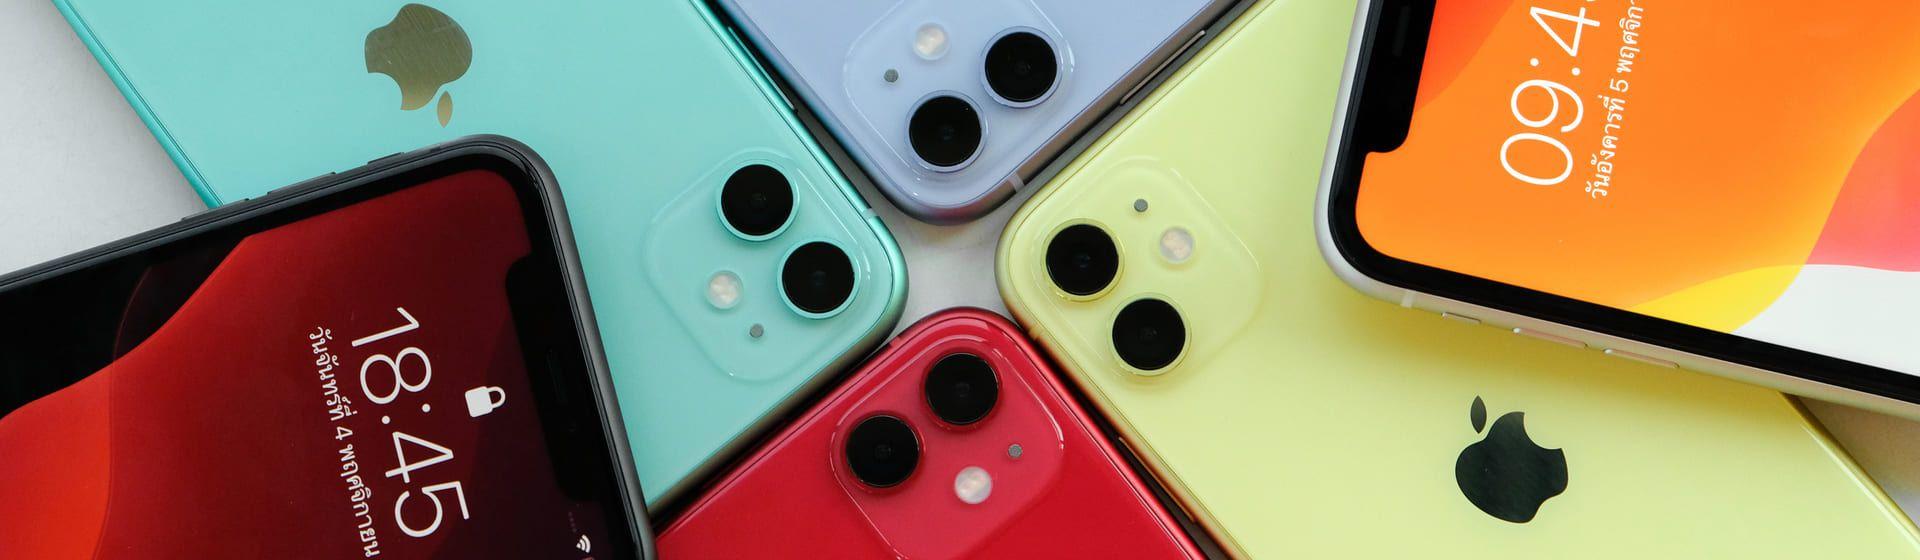 Celulares mais vendidos em abril de 2021: iPhone 11 é o primeiro